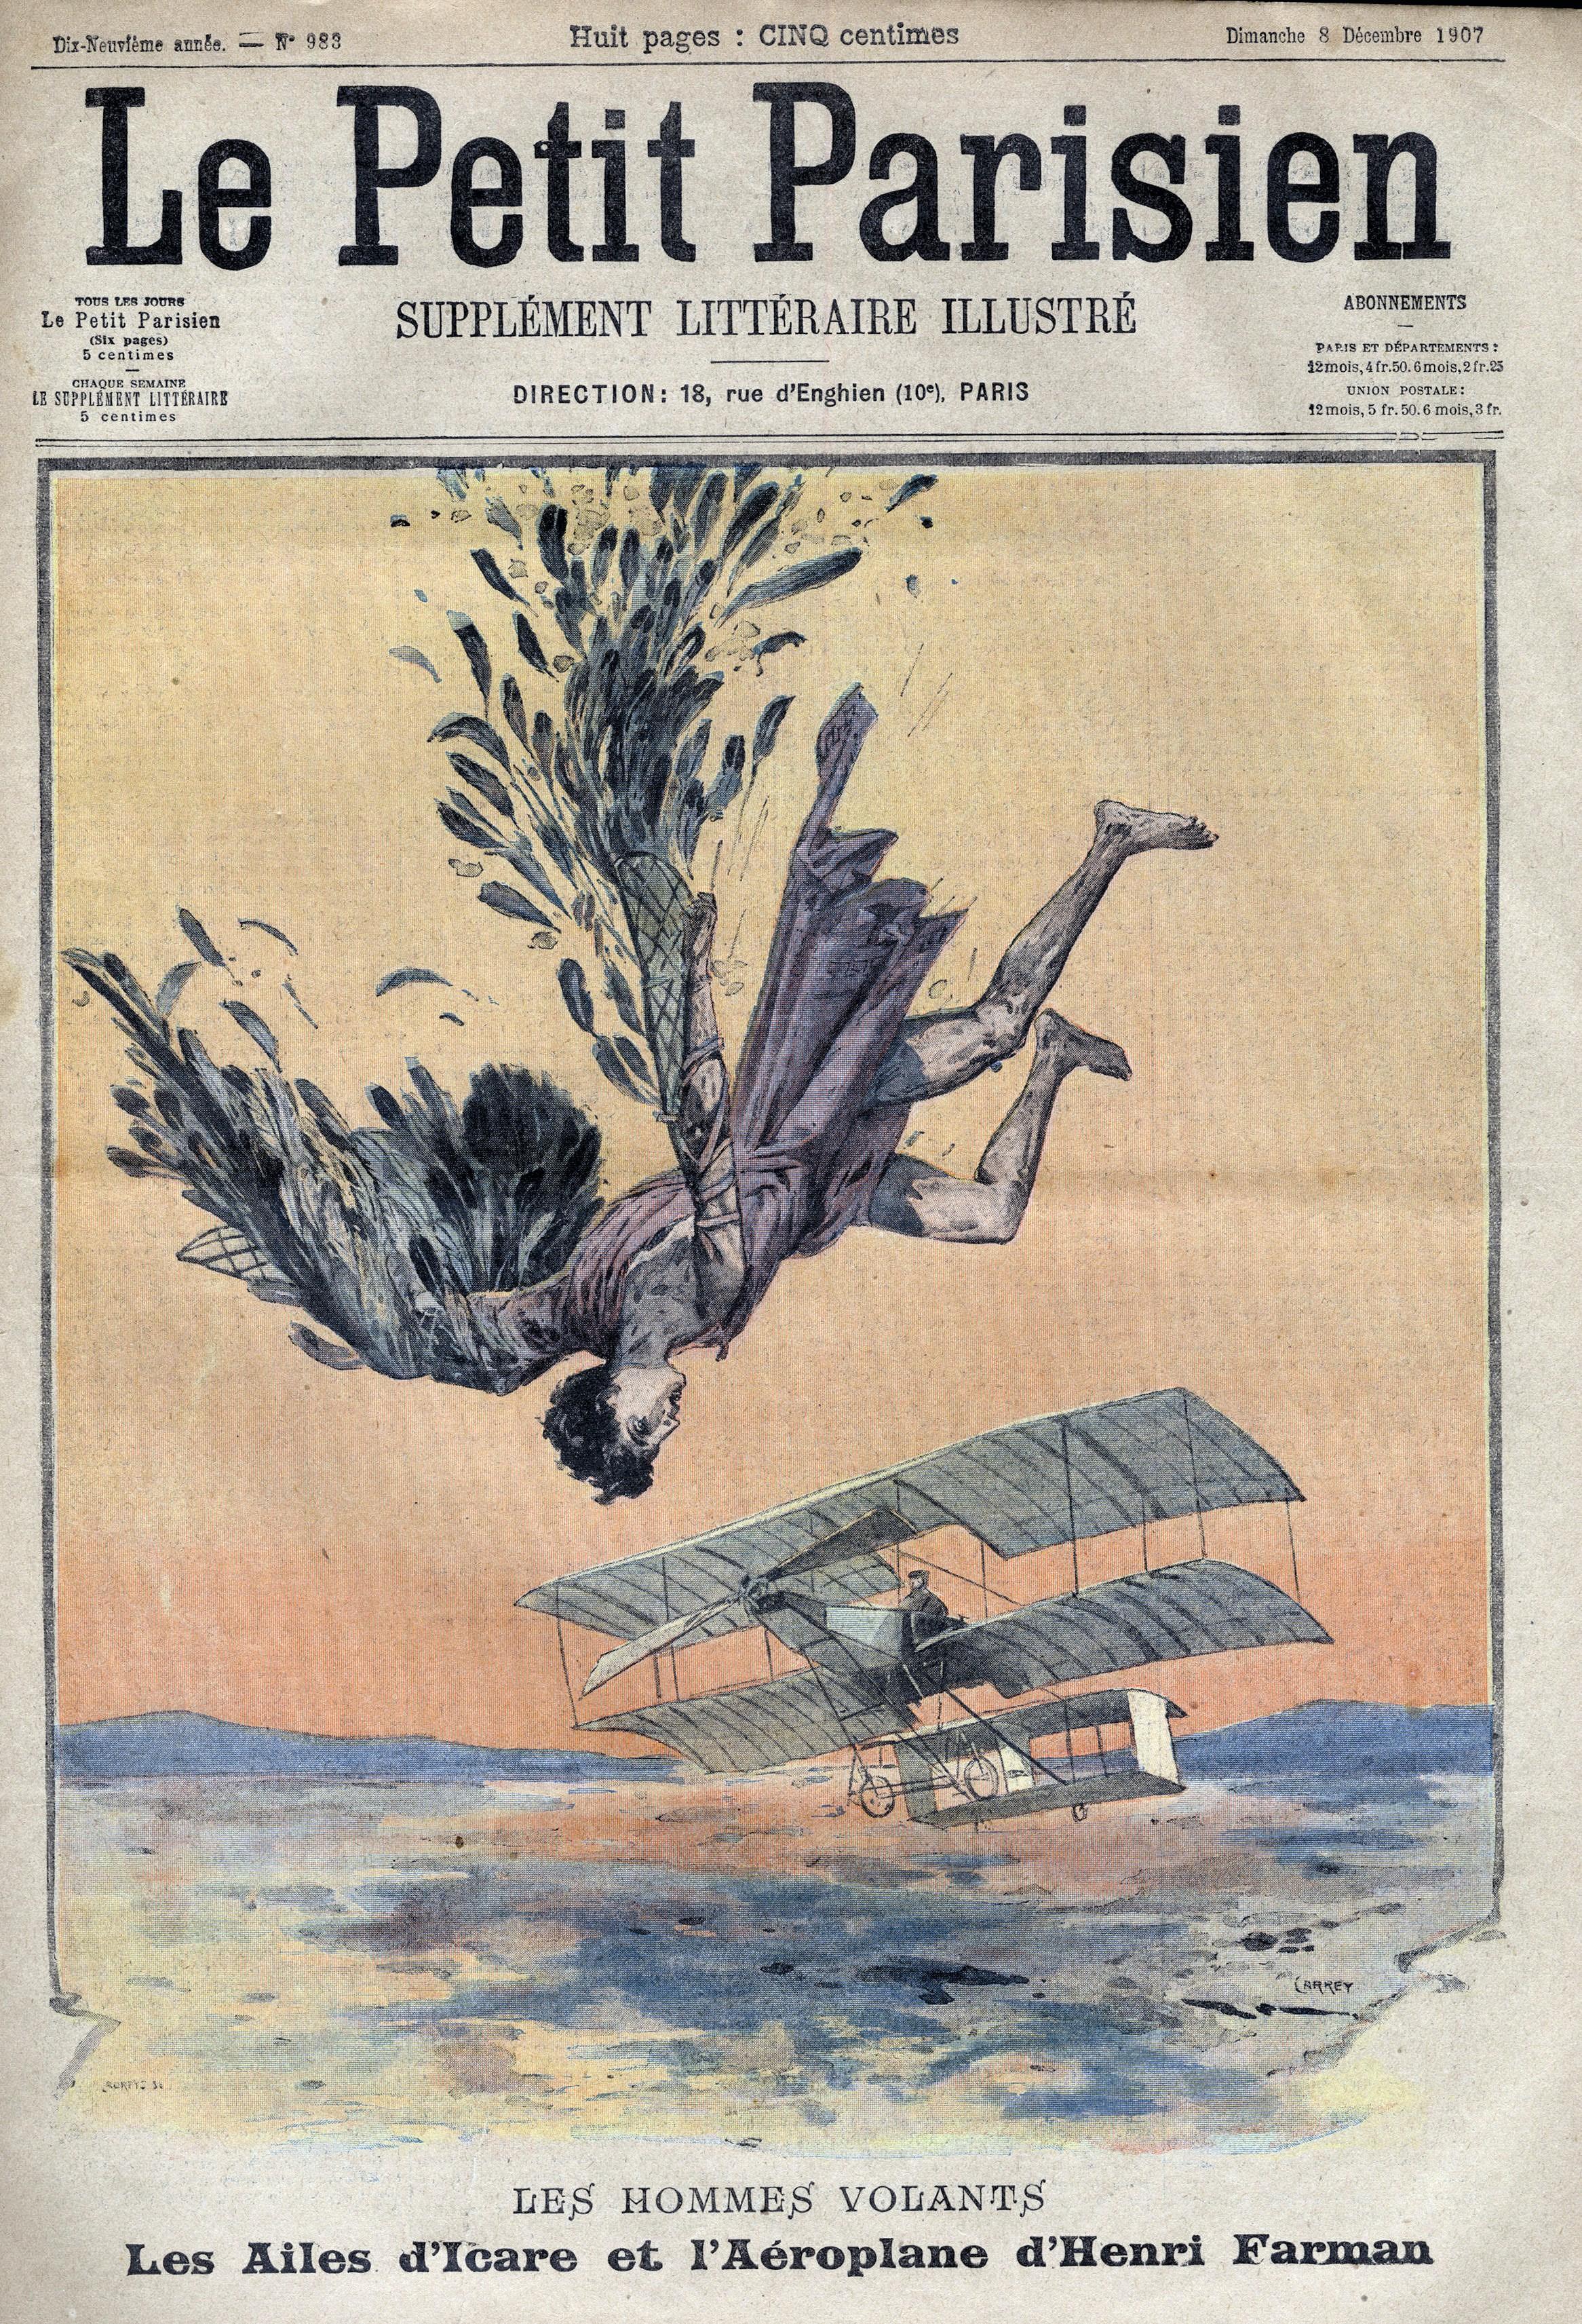 « Les hommes volants. Les ailes d'Icare et l'aéroplane d'Henri Farman », Le Petit Parisien : supplément littéraire illustré, 24 novembre 1907.